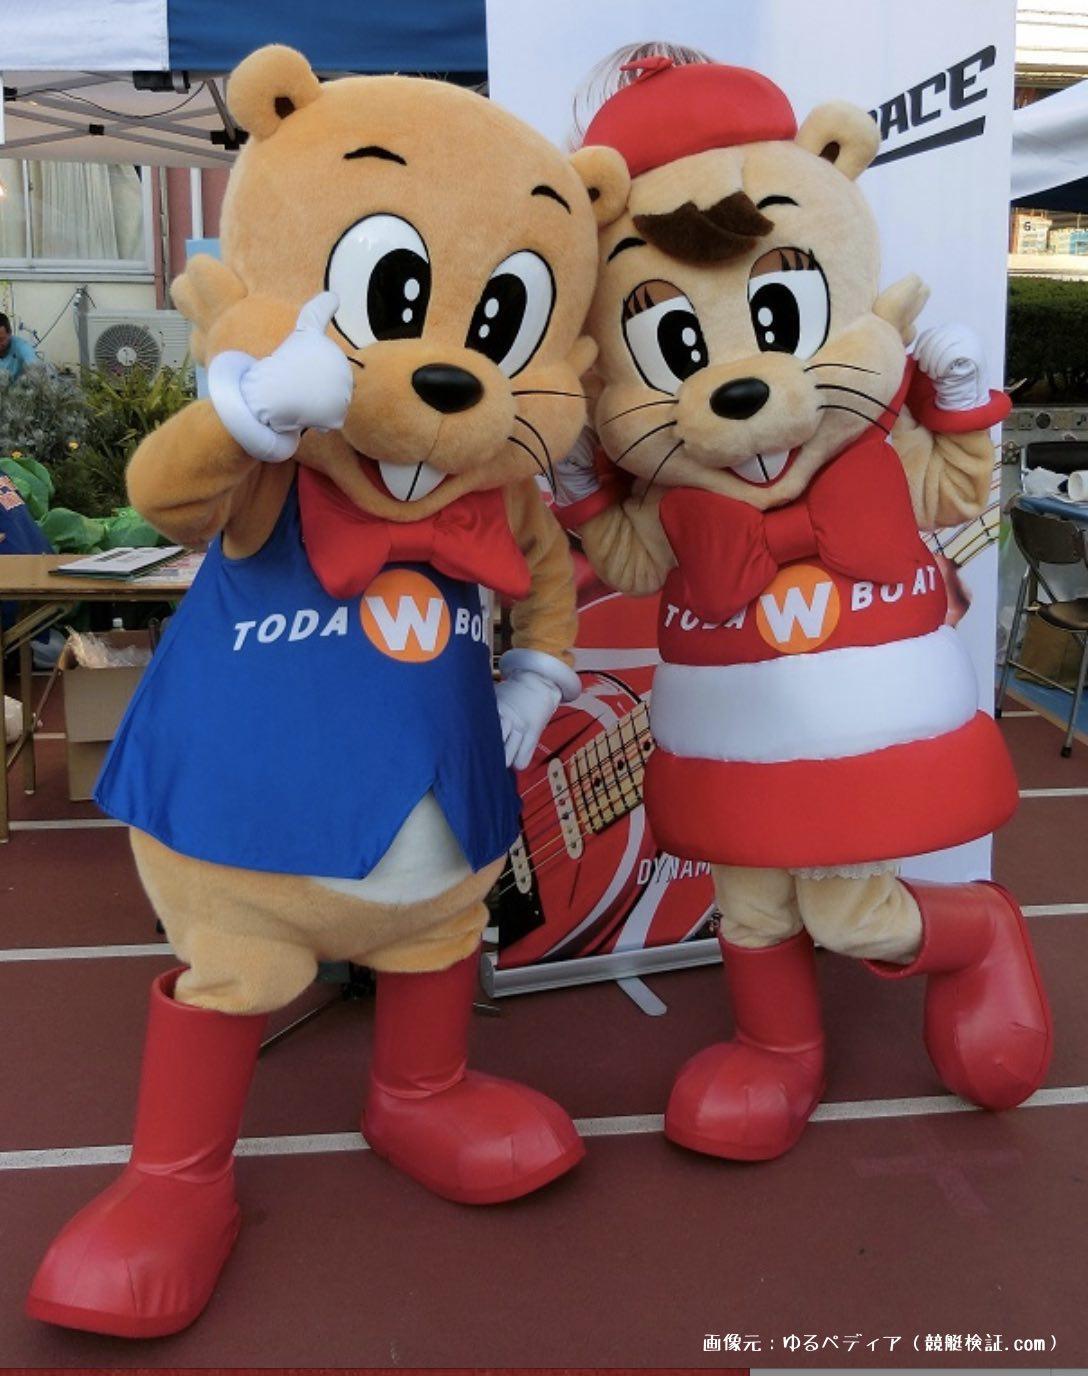 戸田競艇場のマスコットキャラクター、ウインビーとウインクの画像